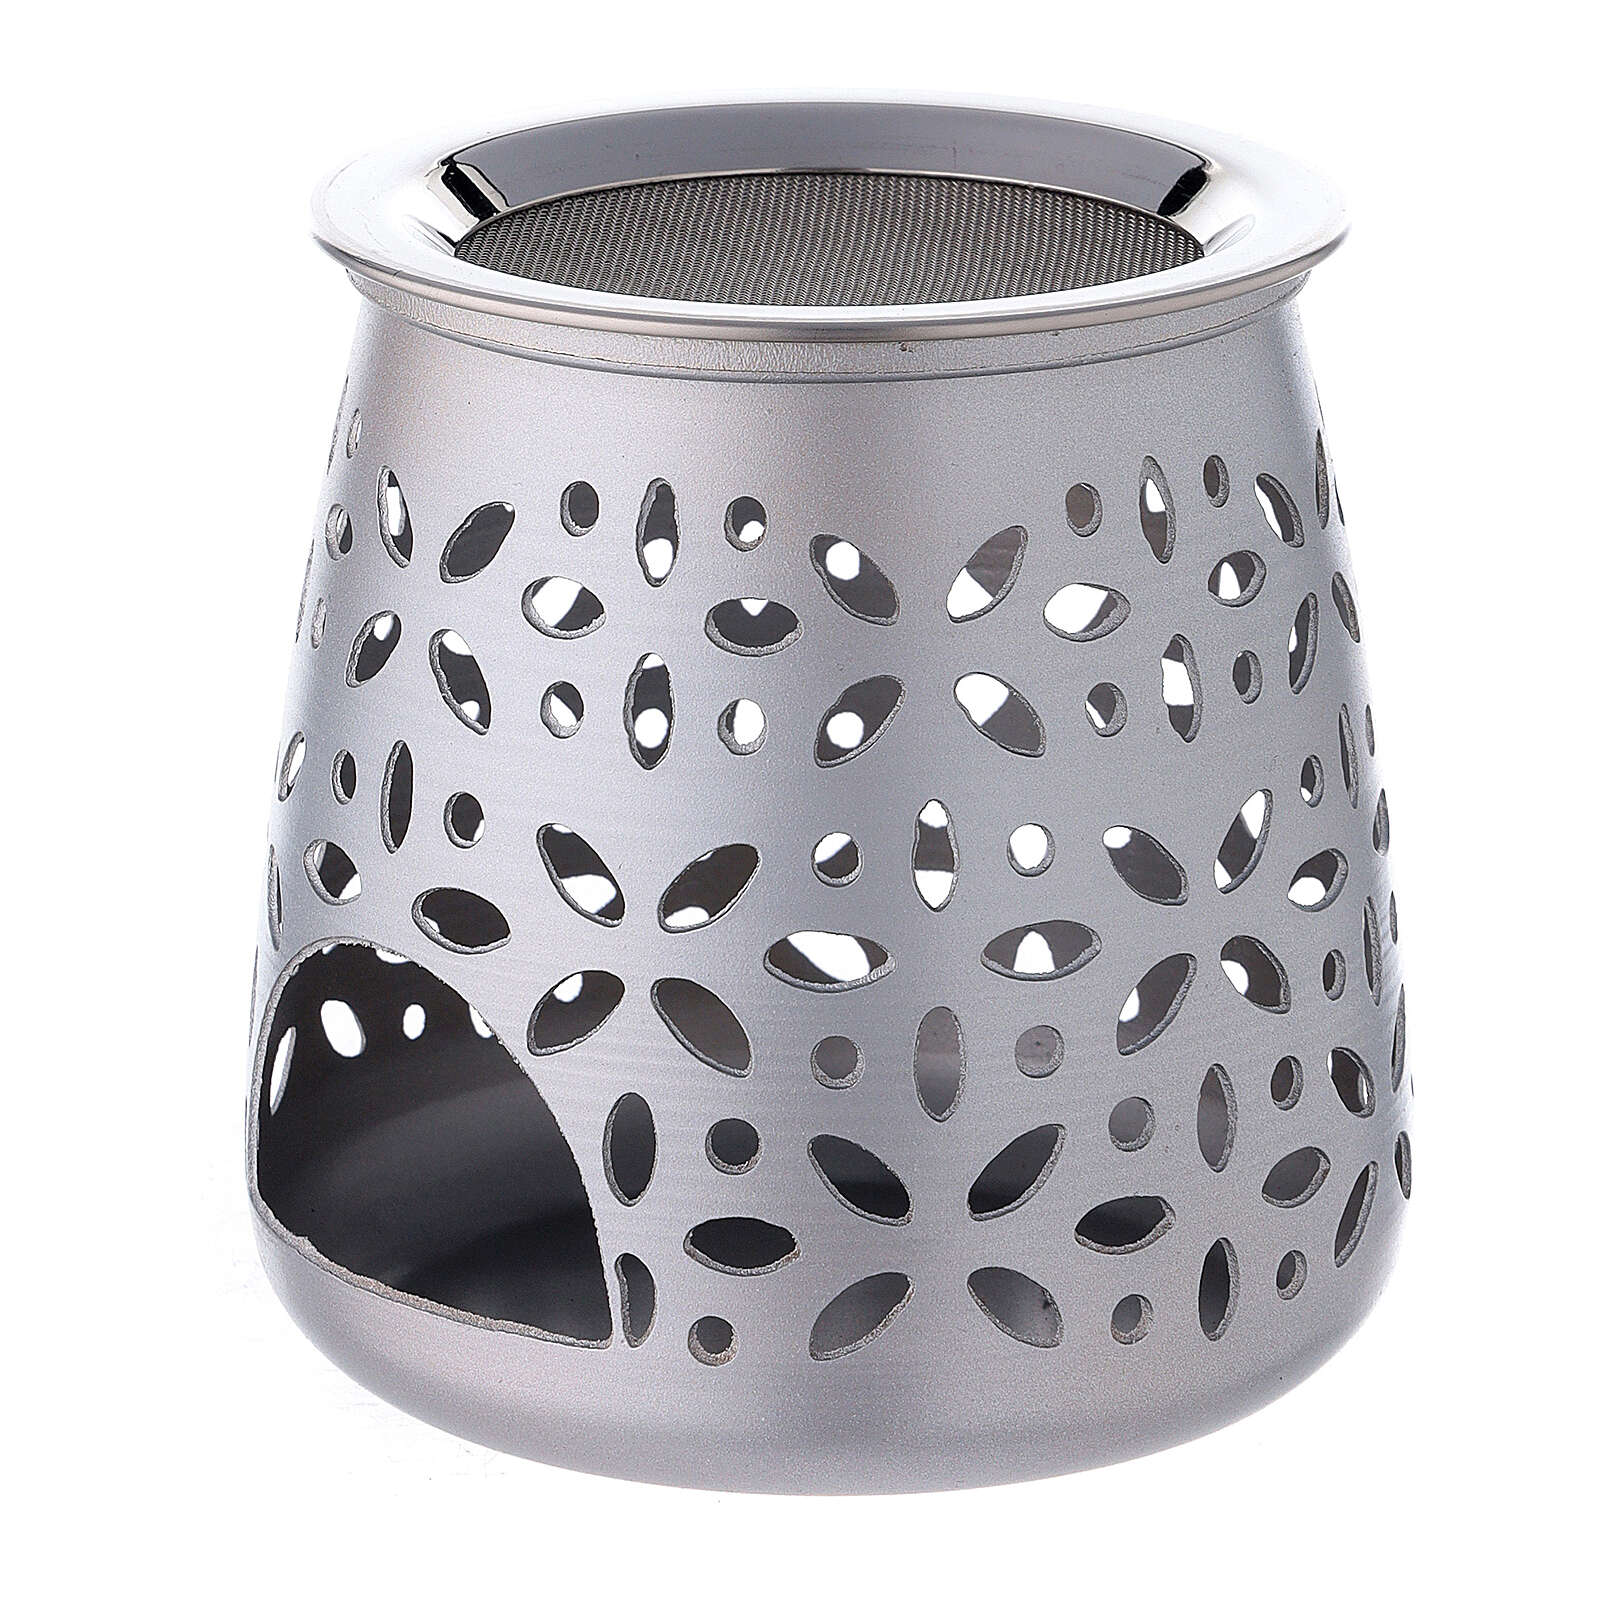 Kadzielniczka perforowana aluminium satynowane 11 cm 3